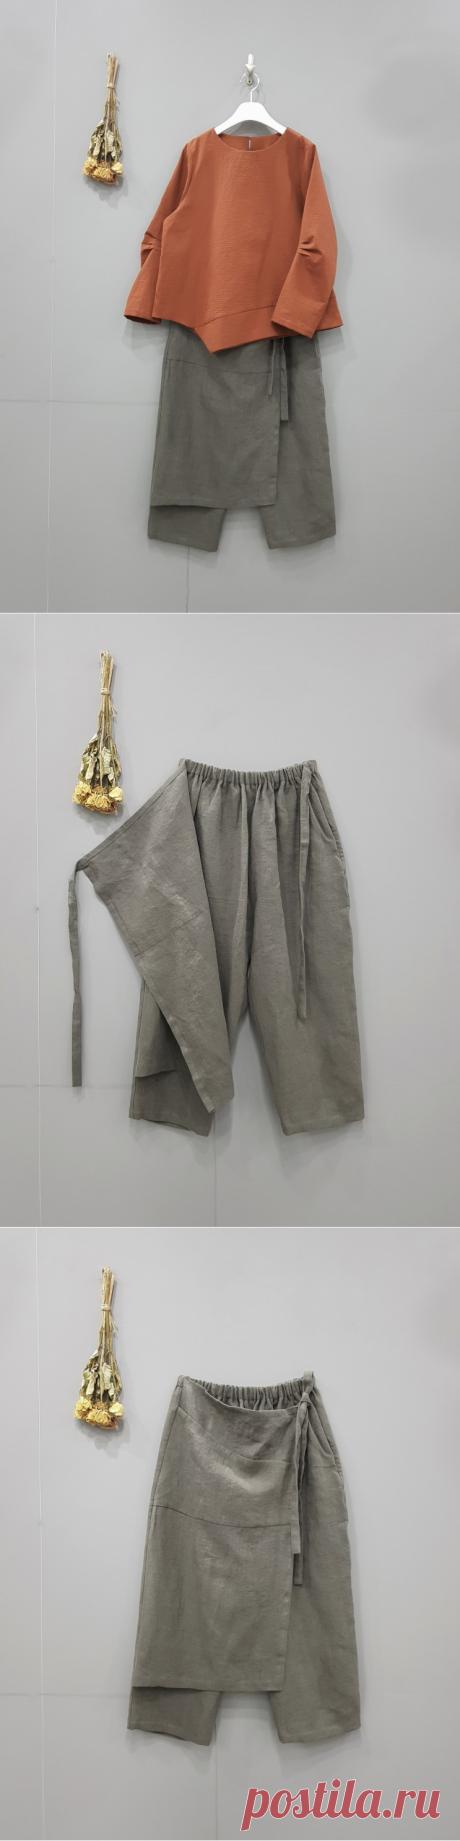 Изготовление обтягивающих фартуков брюк-корейца JoongAng Daily